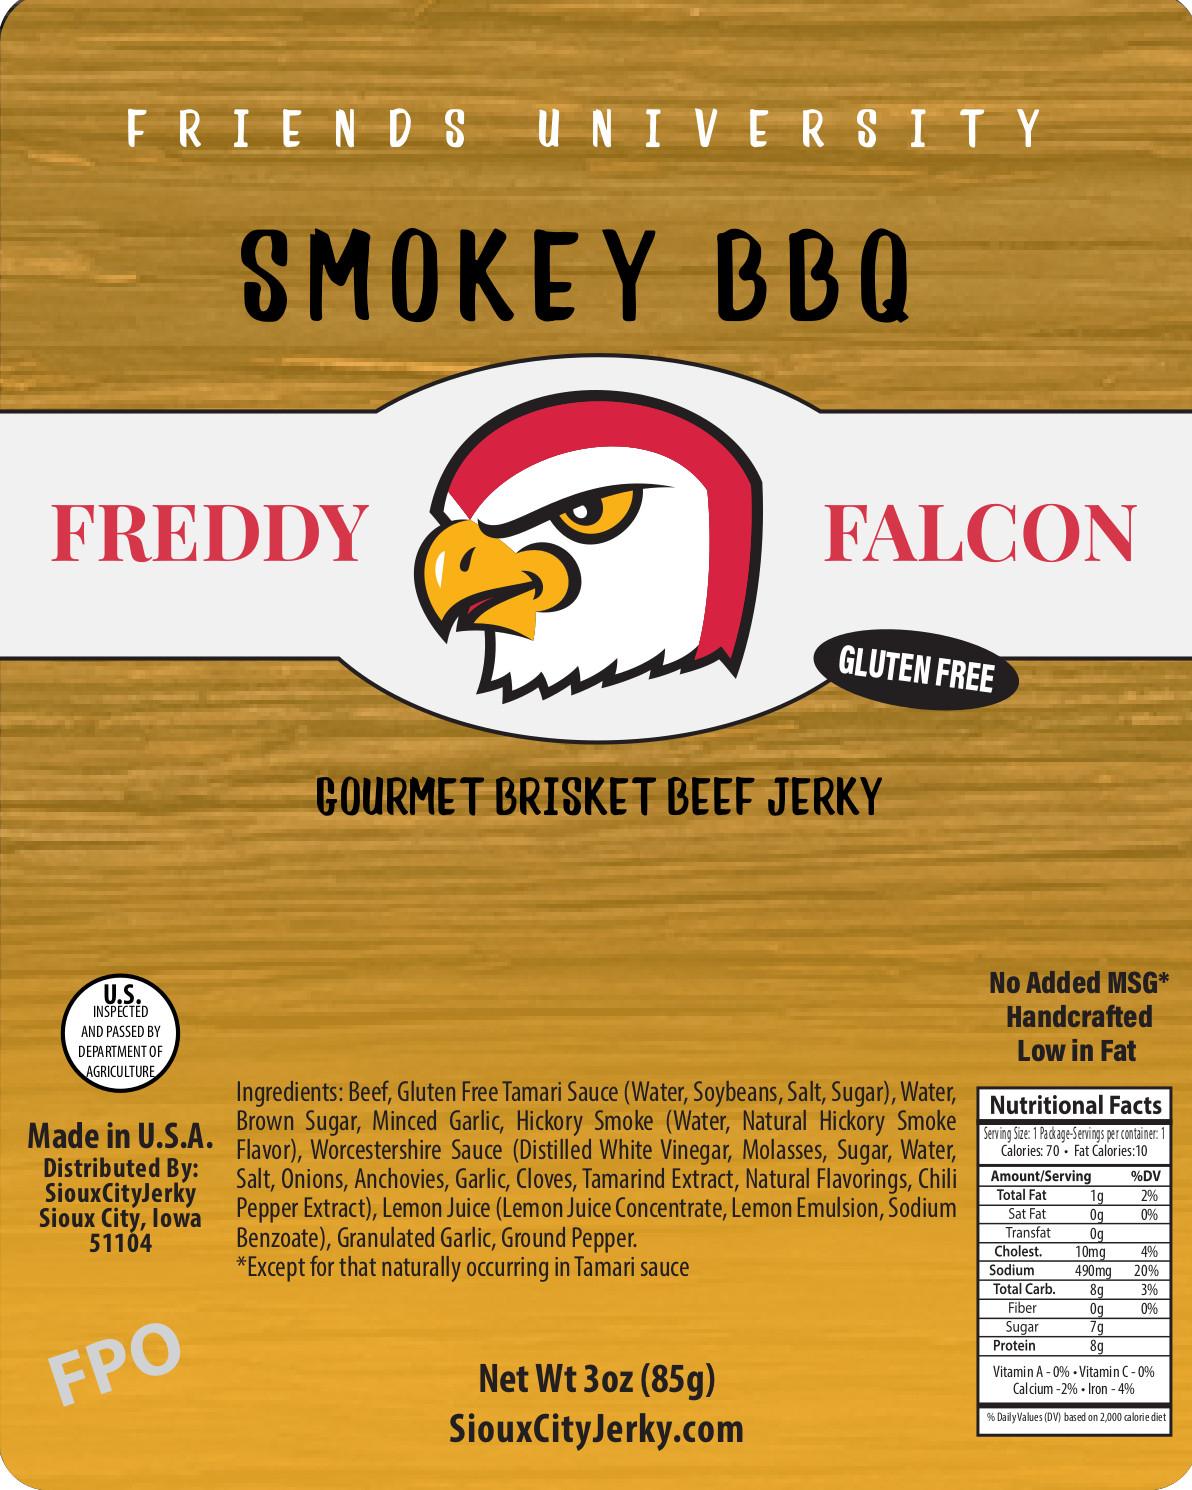 Freddy Falcon Smokey BBQ Beef Jerky